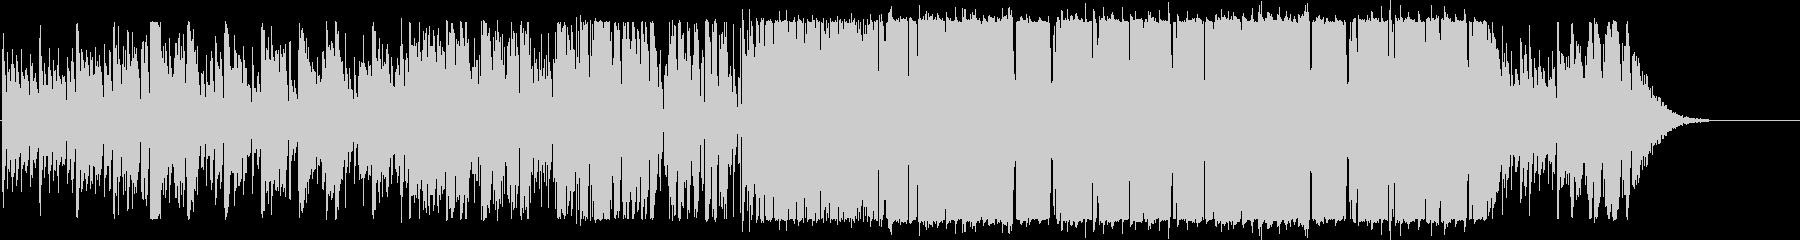 クールなエレクトロニックポップの未再生の波形